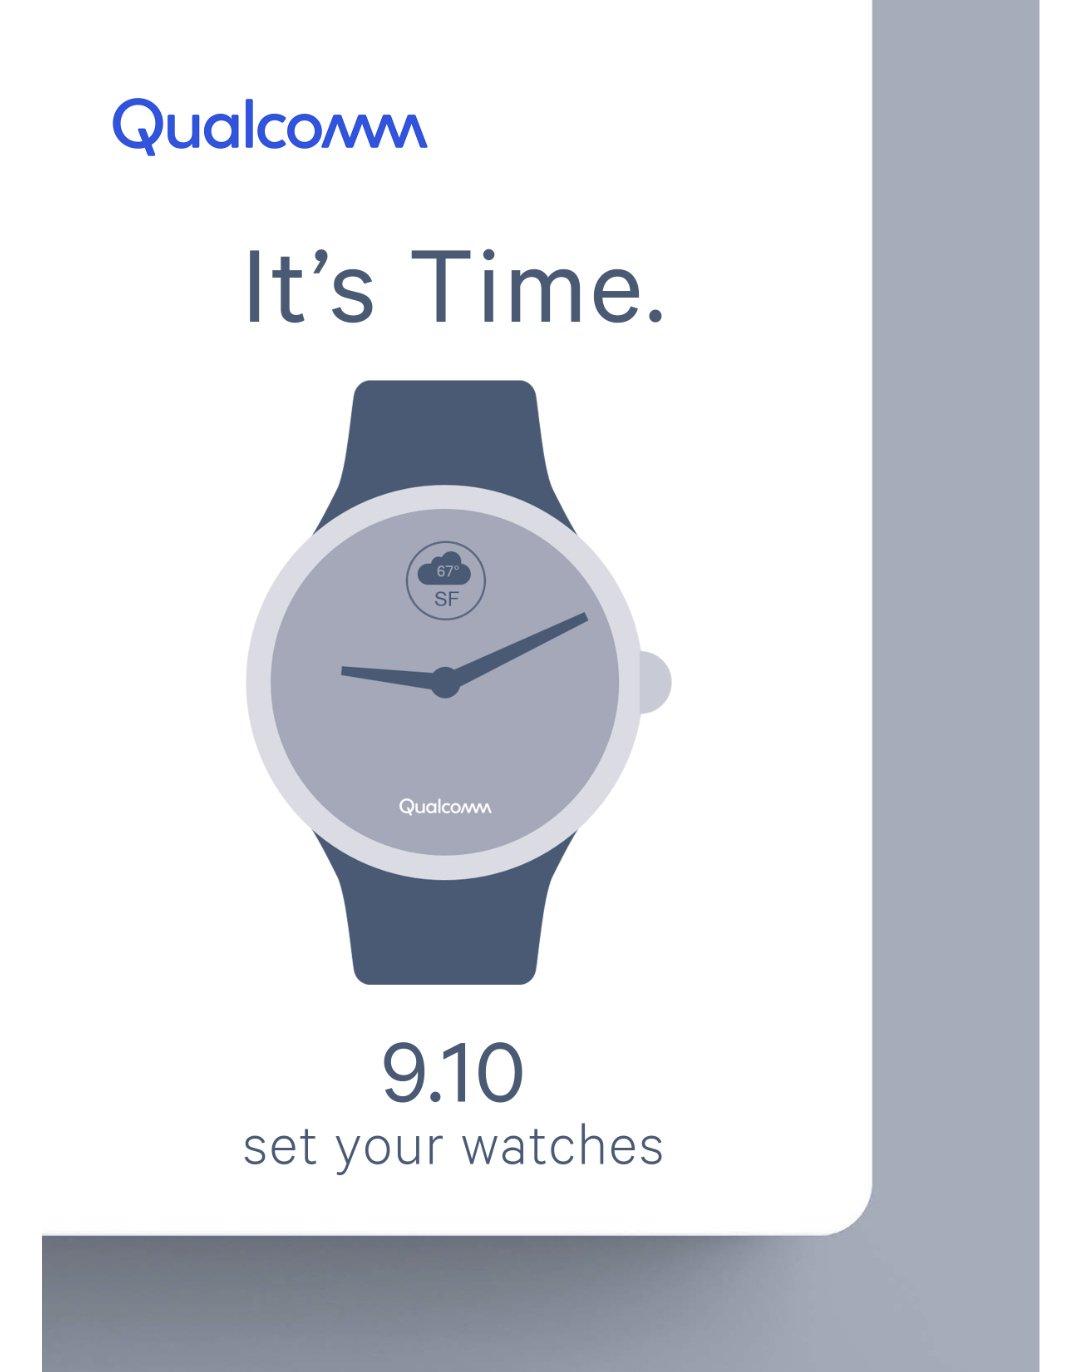 高通将发布新产品:外界猜测系新一代智能手表芯片